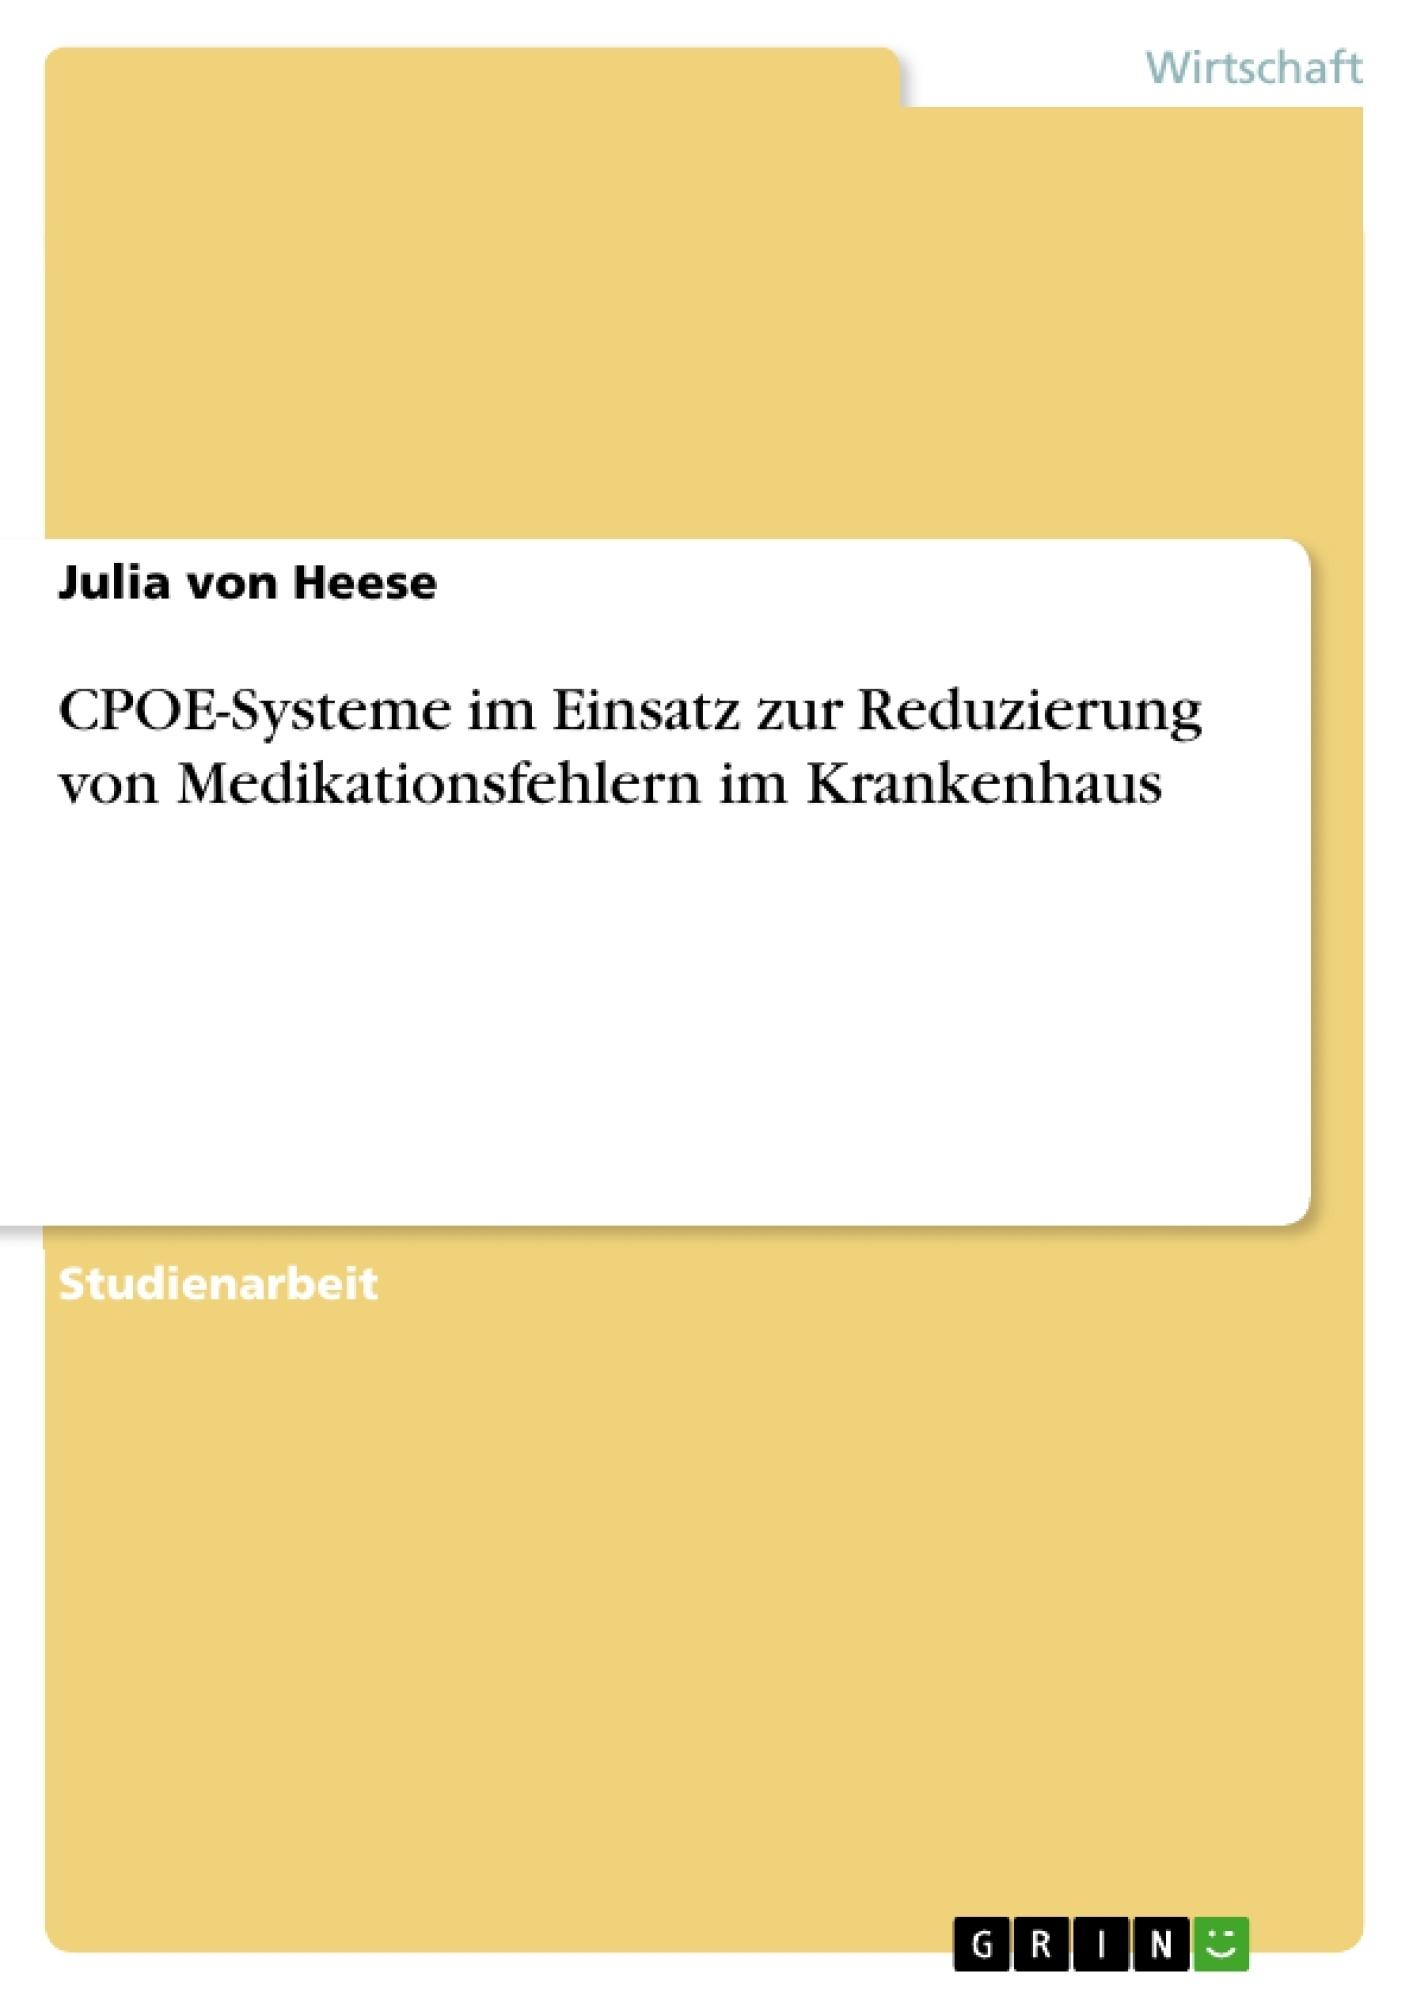 Titel: CPOE-Systeme im Einsatz zur Reduzierung von Medikationsfehlern im Krankenhaus